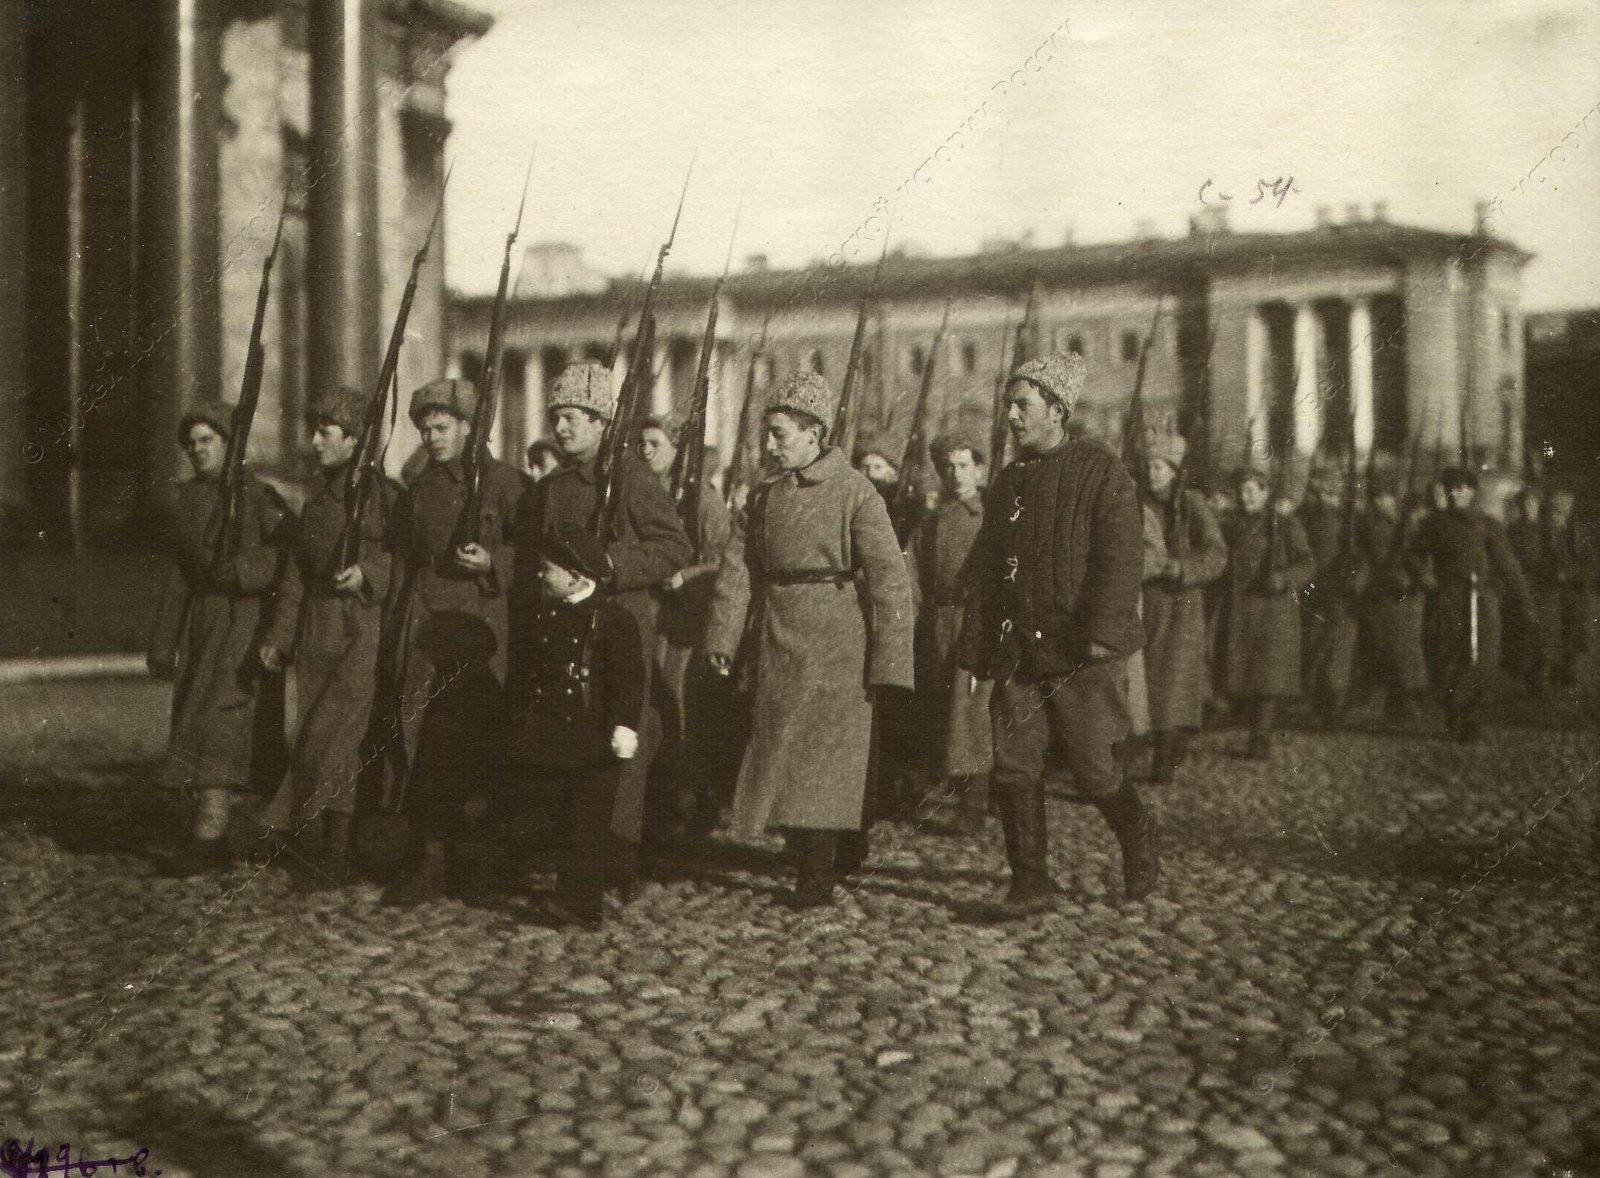 1919. Отряд молодых бойцов Красной армии отправляется на борьбу с Юденичем.